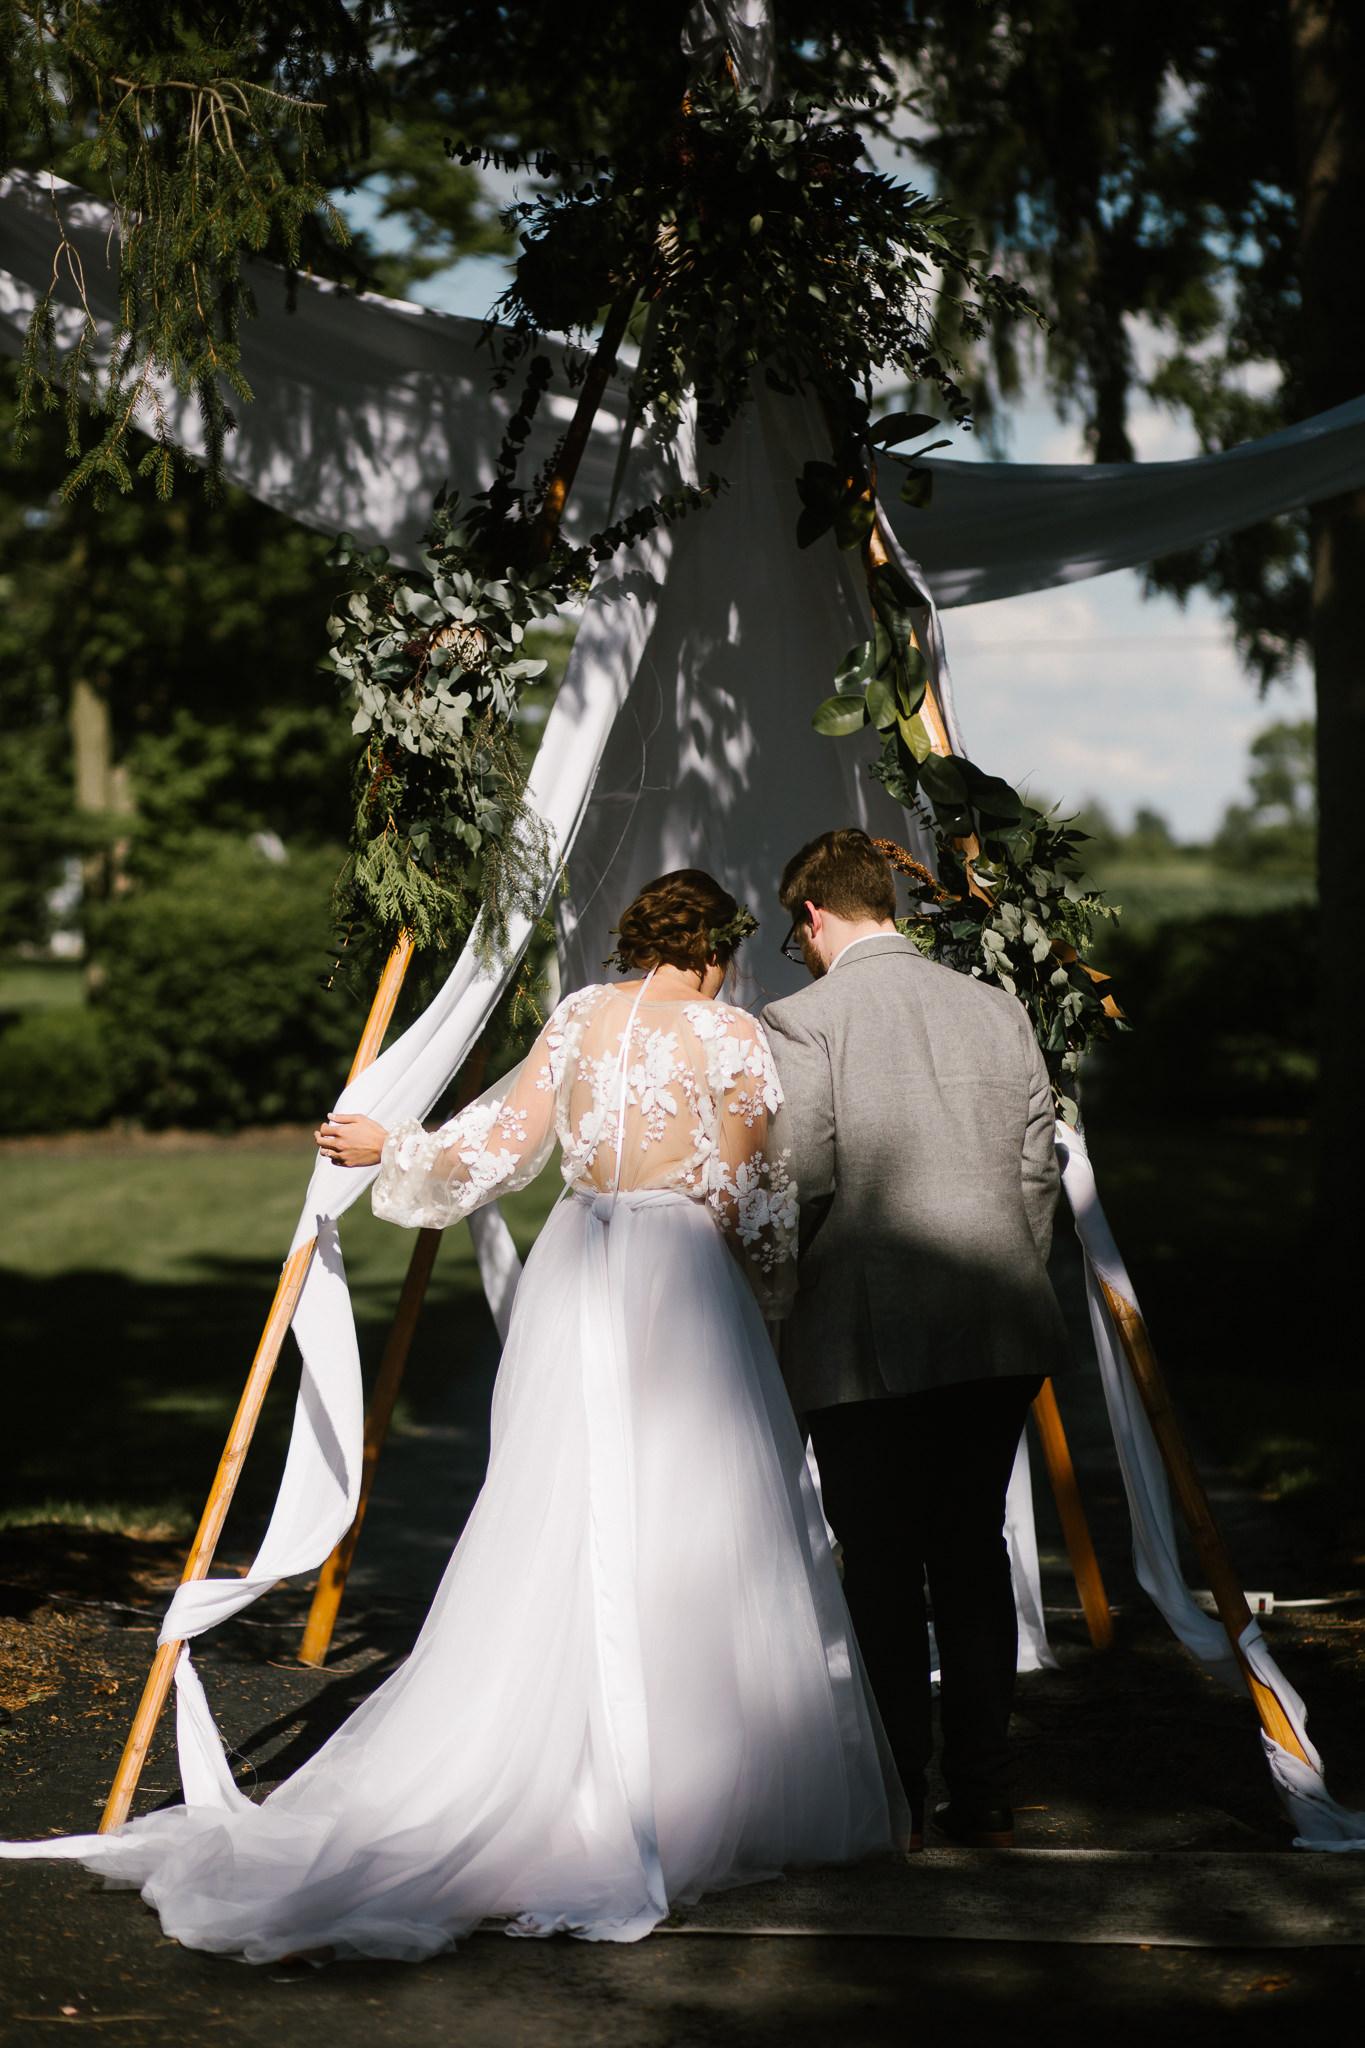 eastlyn and joshua findlay ohio wedding photographers bohemian outdoor wedding-117.jpg